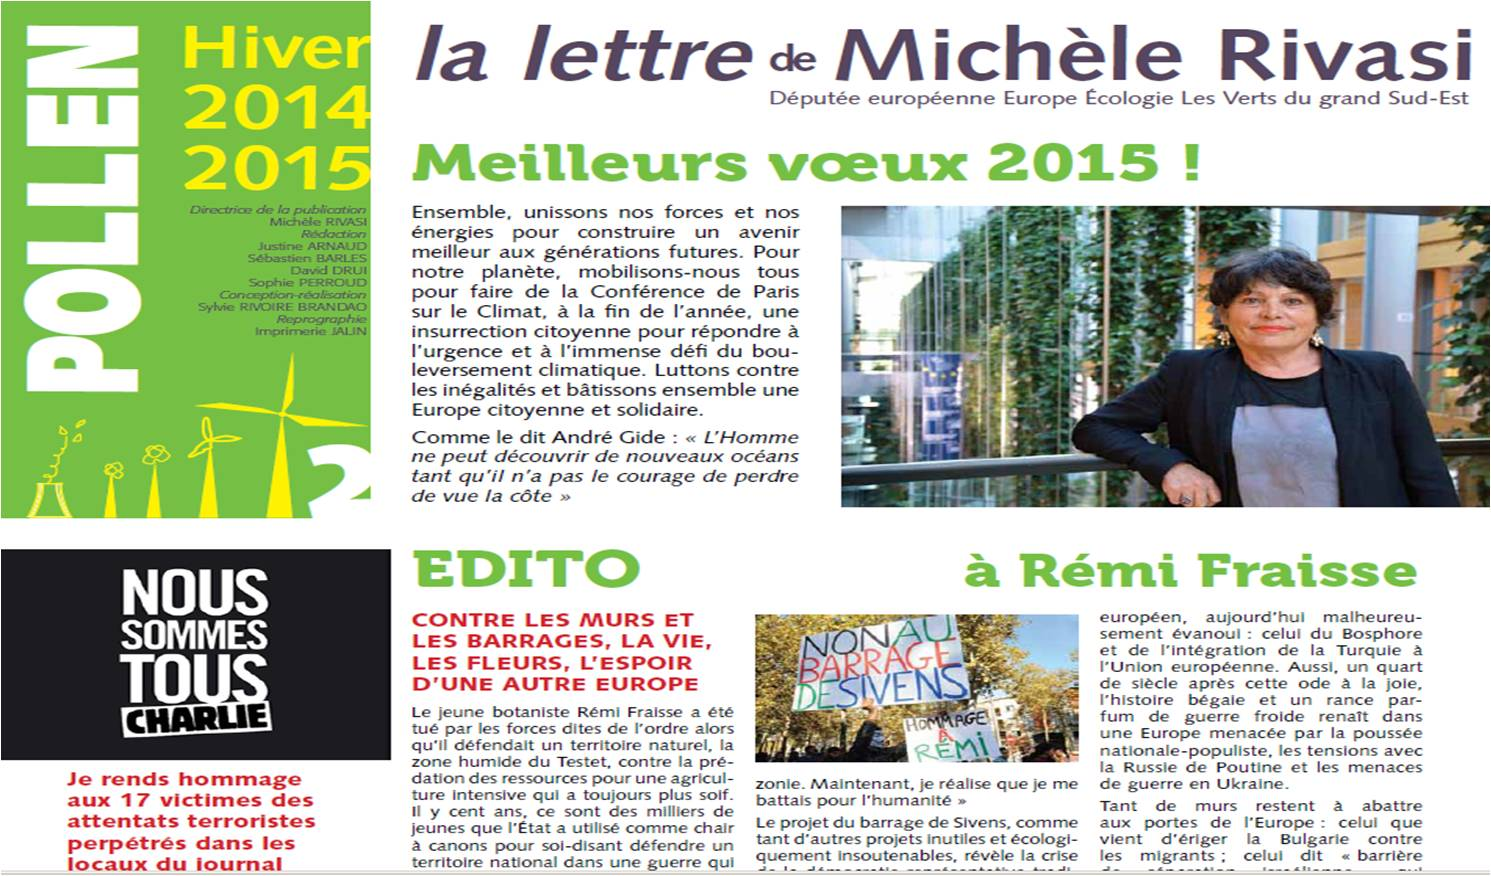 Pollen 2 – Lettre d'information de Michèle RIVASI